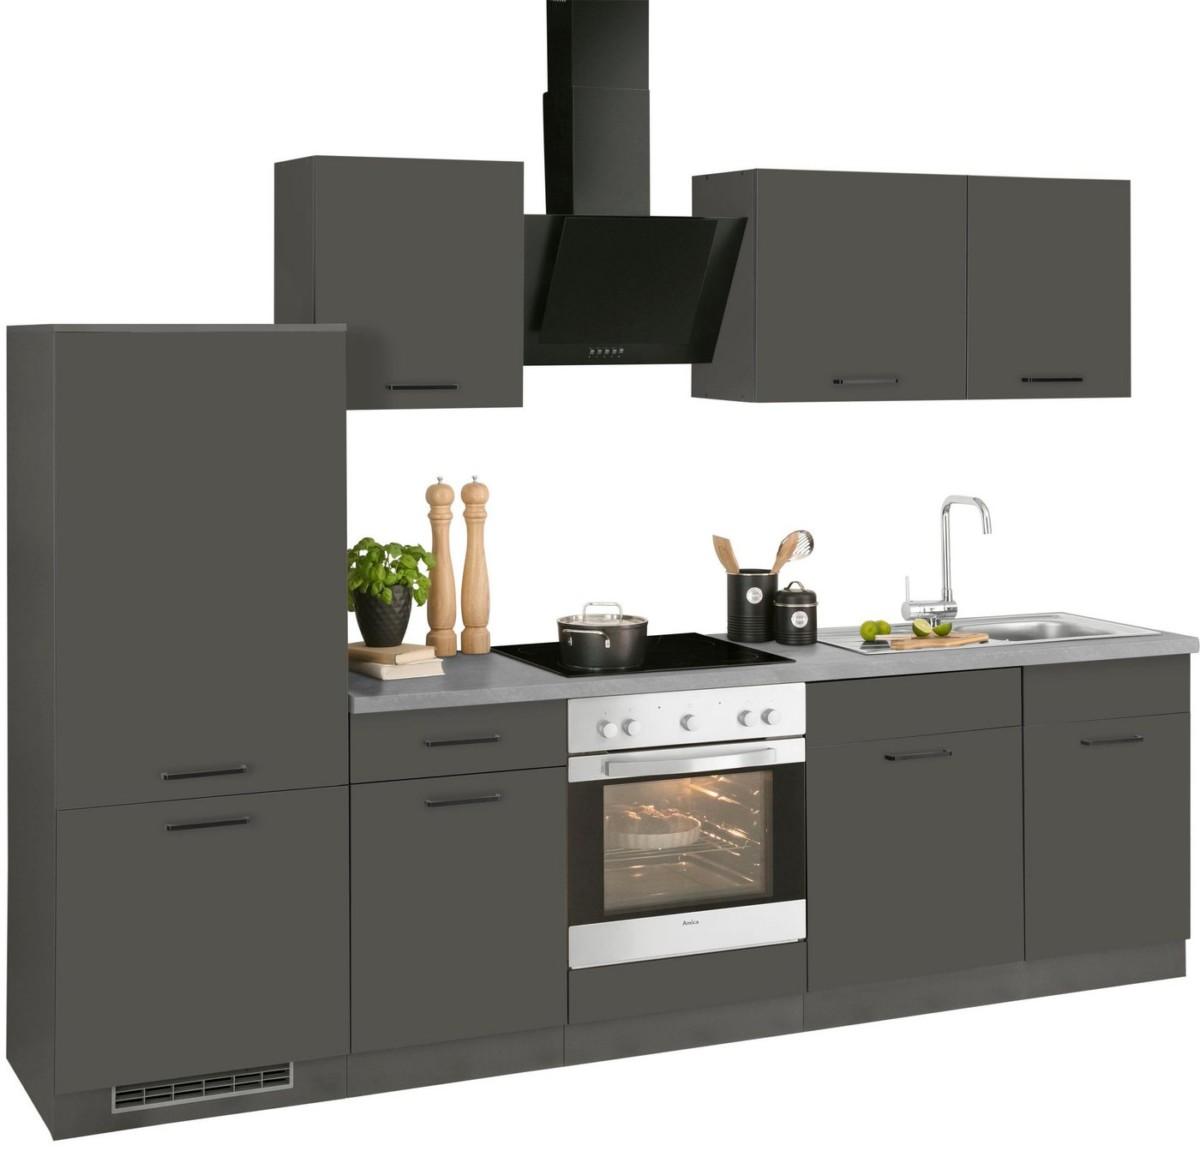 Wiho Kuchen Kuchenzeile Esbo Ohne E Gerate Breite 280 Cm Online